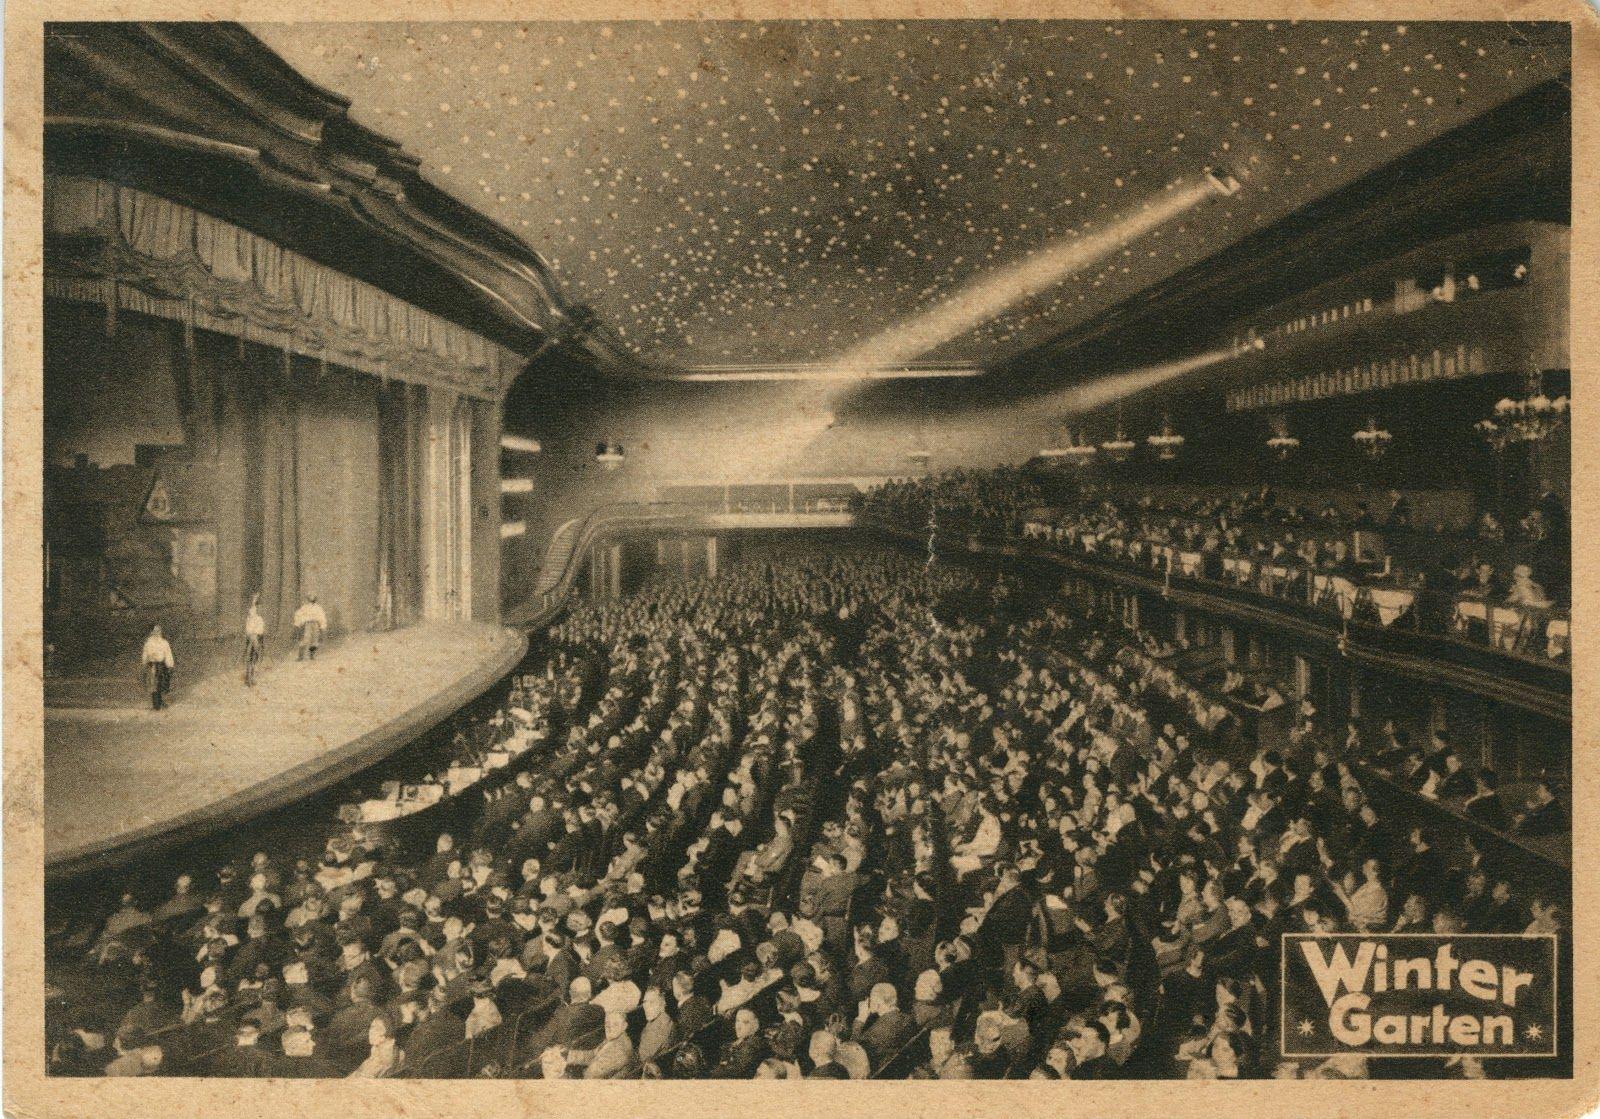 the berlin winter garden theatre rạp chiếu phim nhà hát đầu tiên